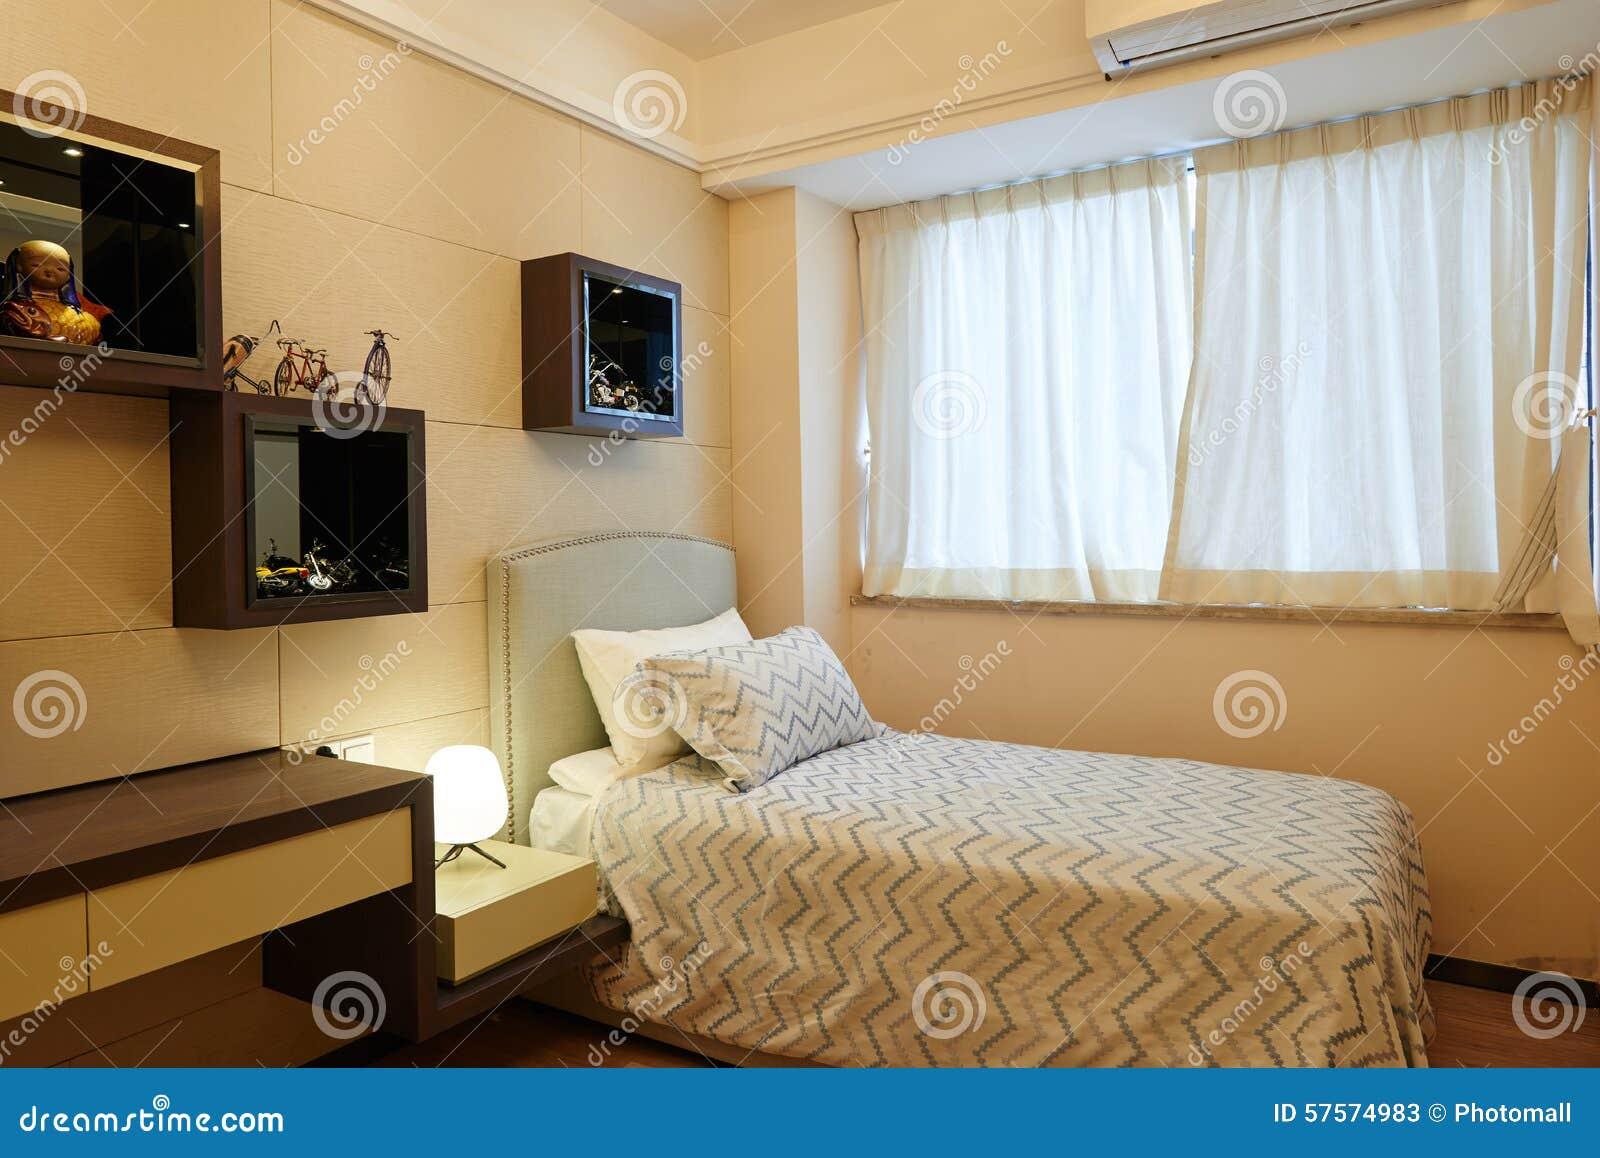 kleines schlafzimmer stockfoto bild 57574983. Black Bedroom Furniture Sets. Home Design Ideas